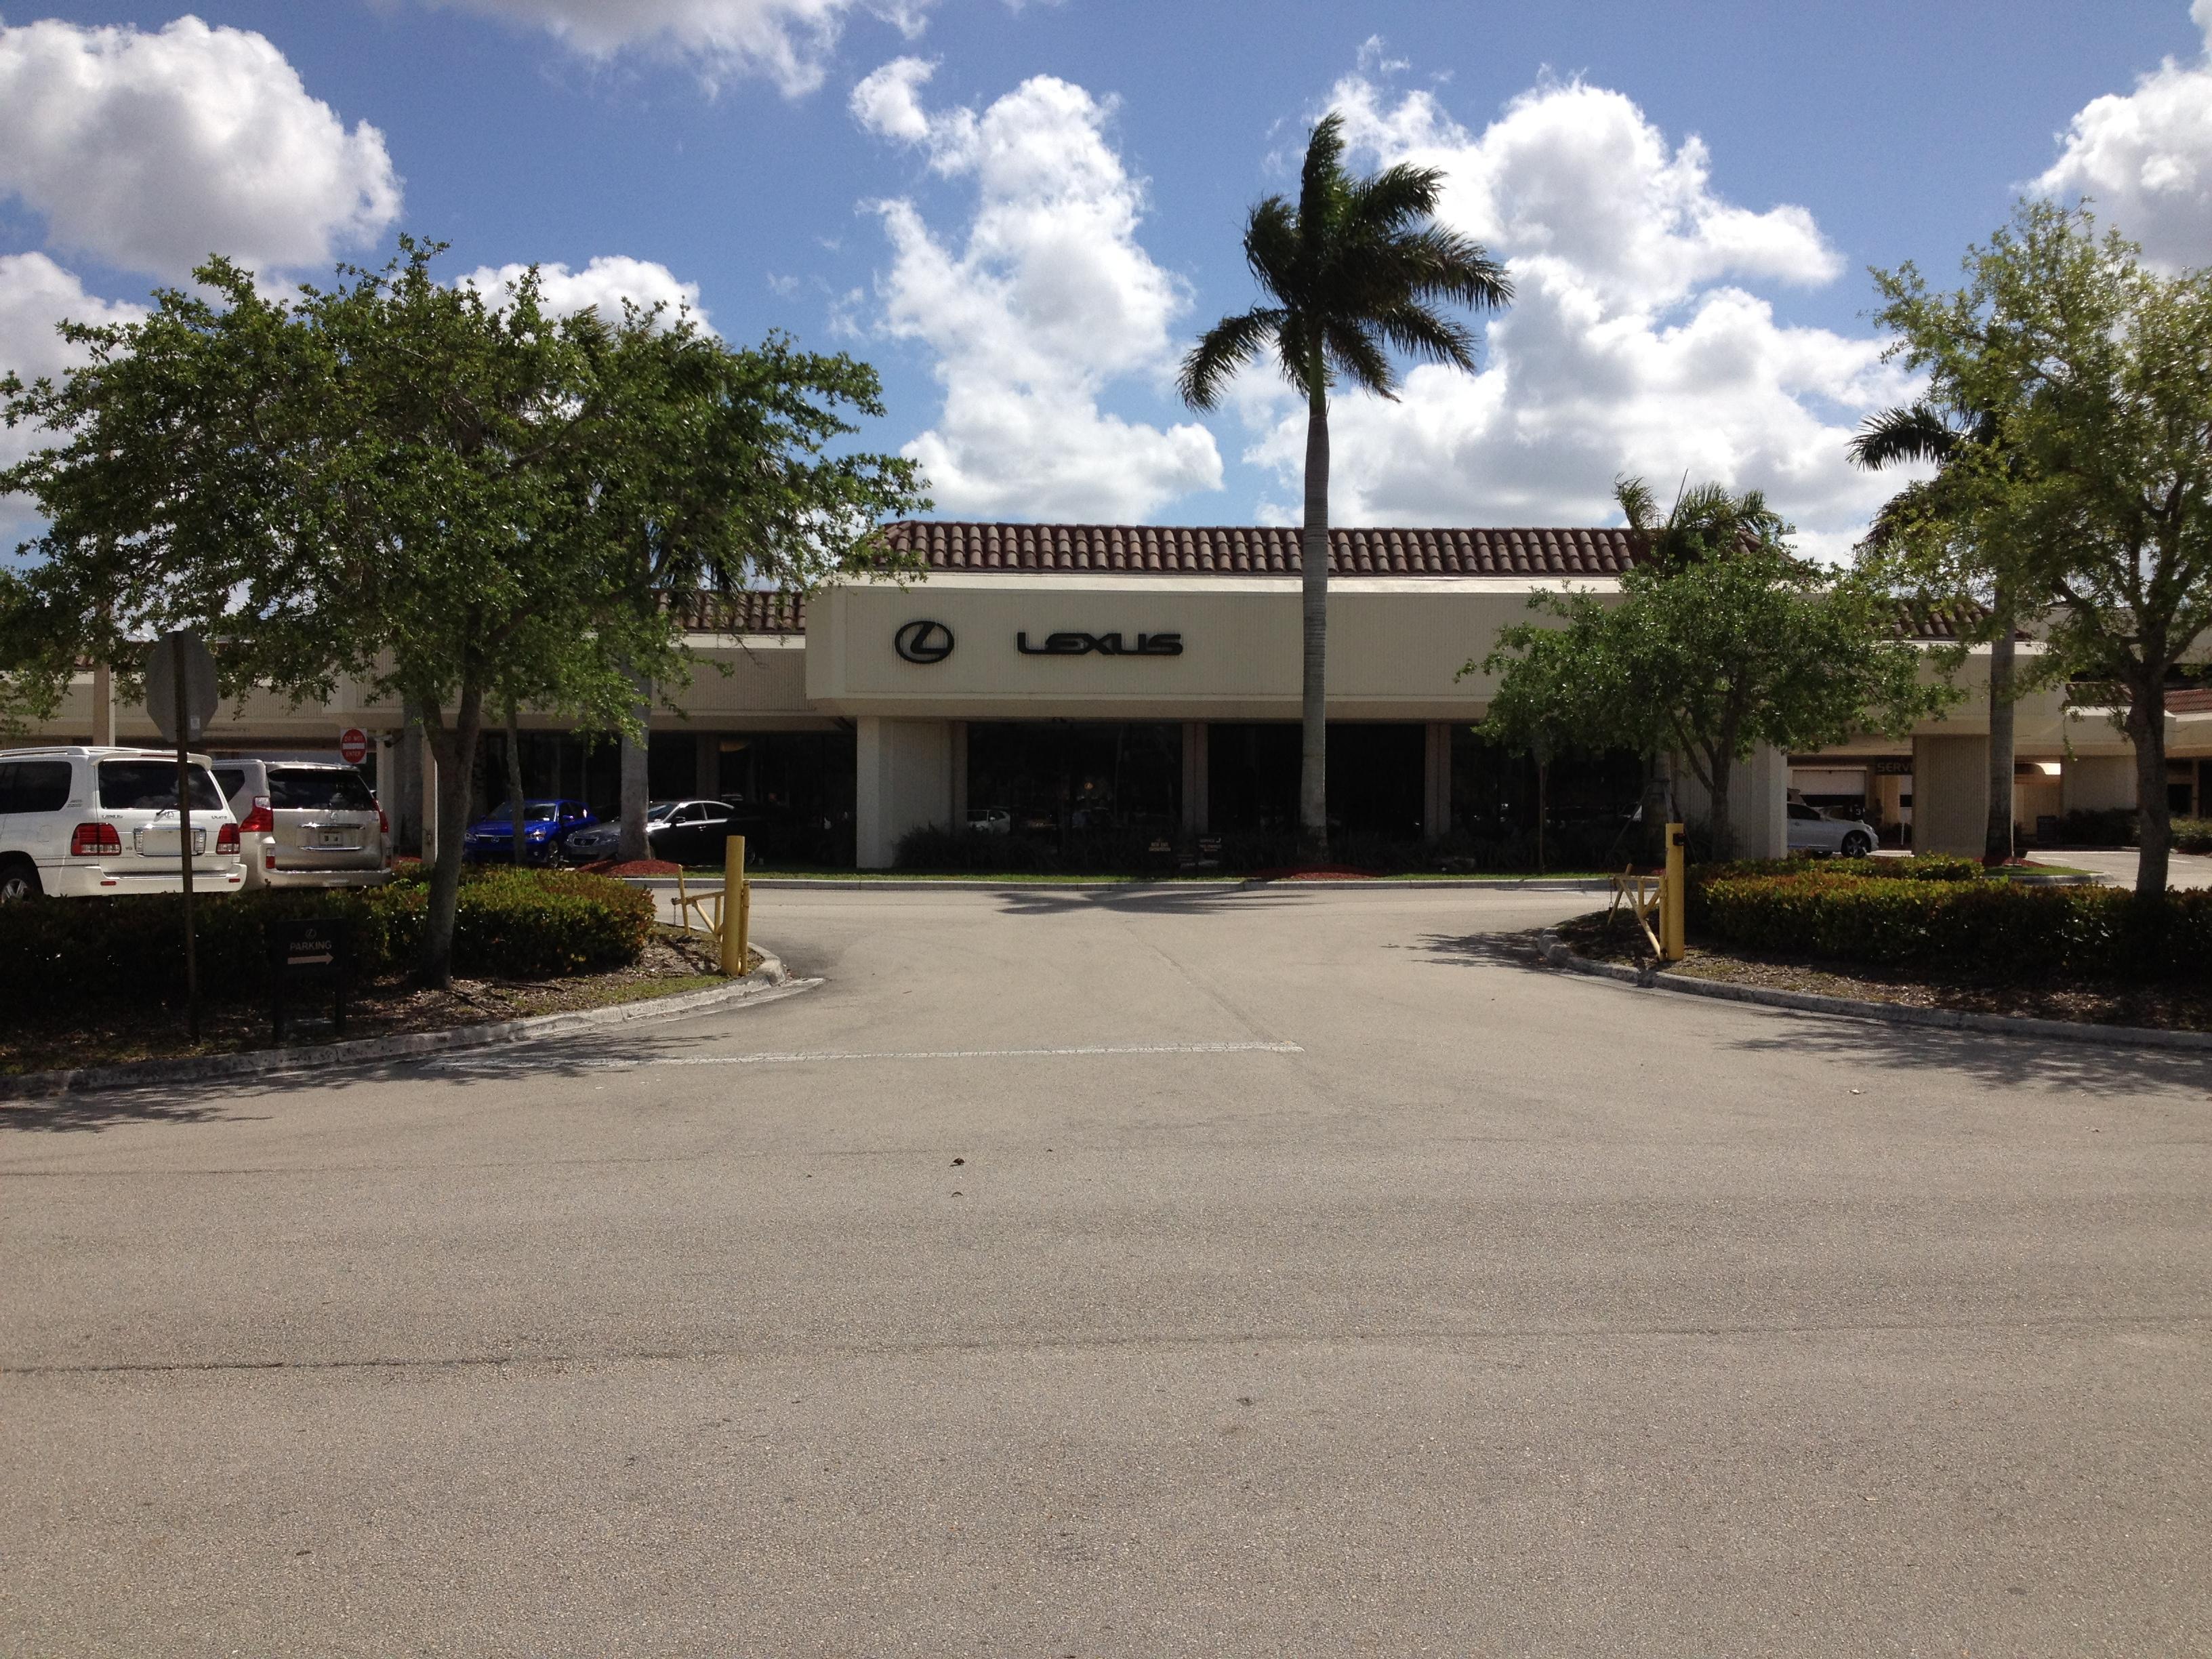 Car Lease Deals Near Me >> Lexus of Pembroke Pines Coupons Pembroke Pines FL near me | 8coupons